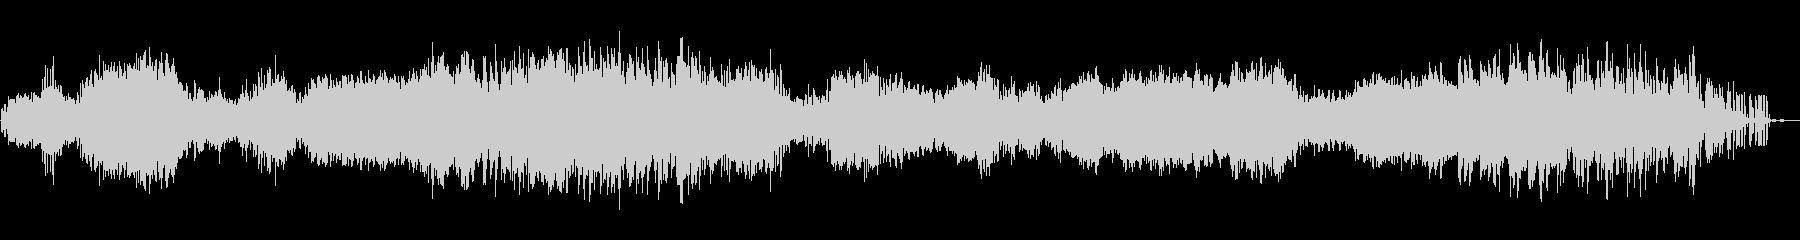 リラクゼーションノイズミュージックの未再生の波形